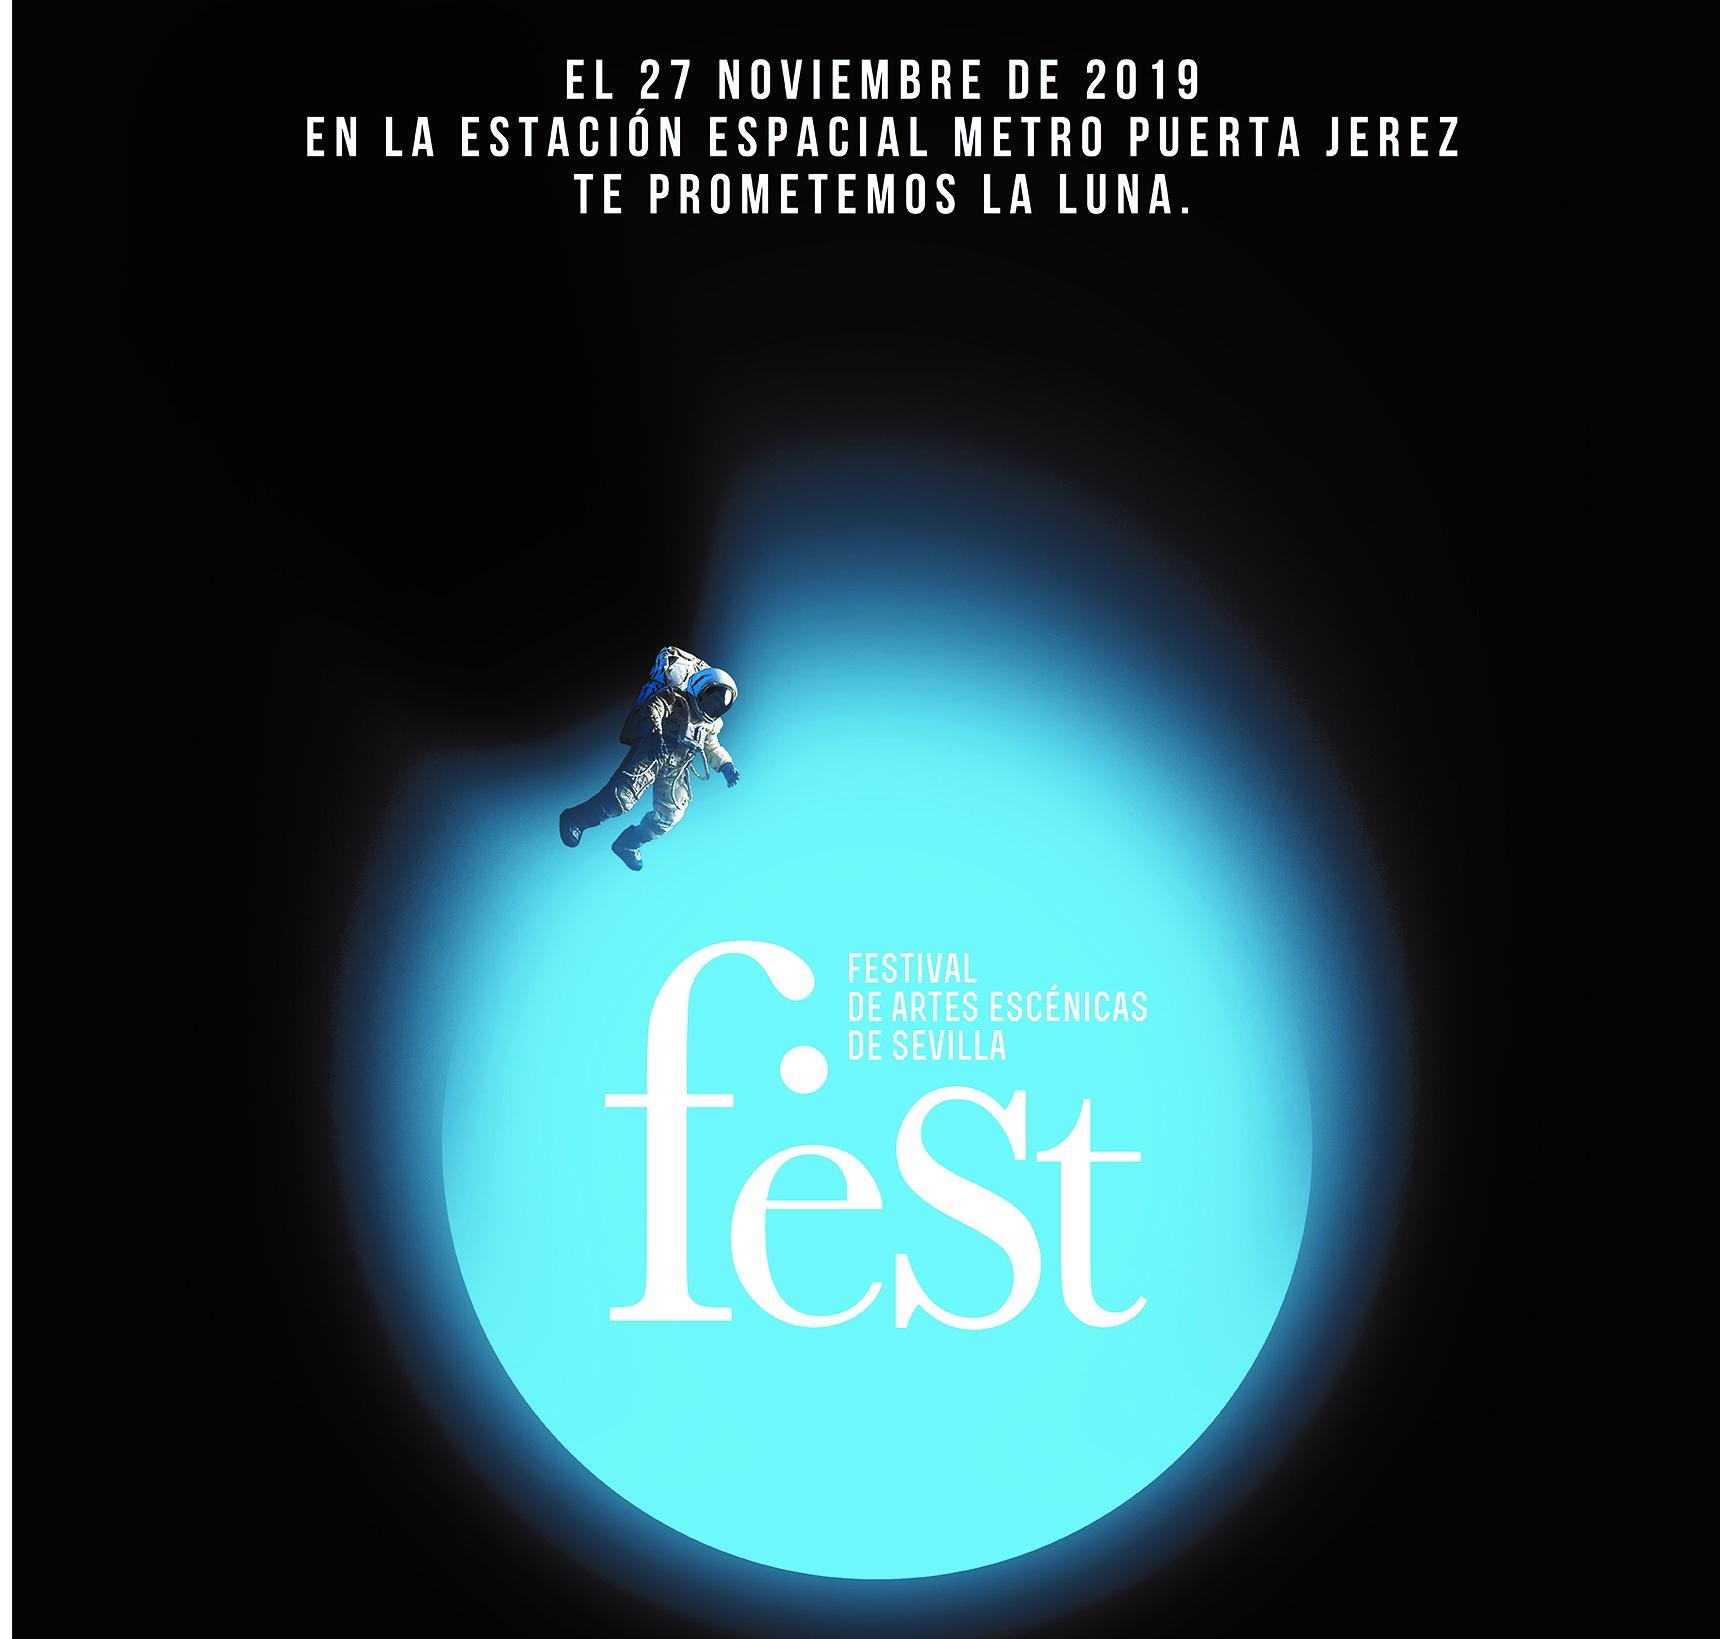 Cartel del Festival de Artes Escénicas de Sevilla 2019